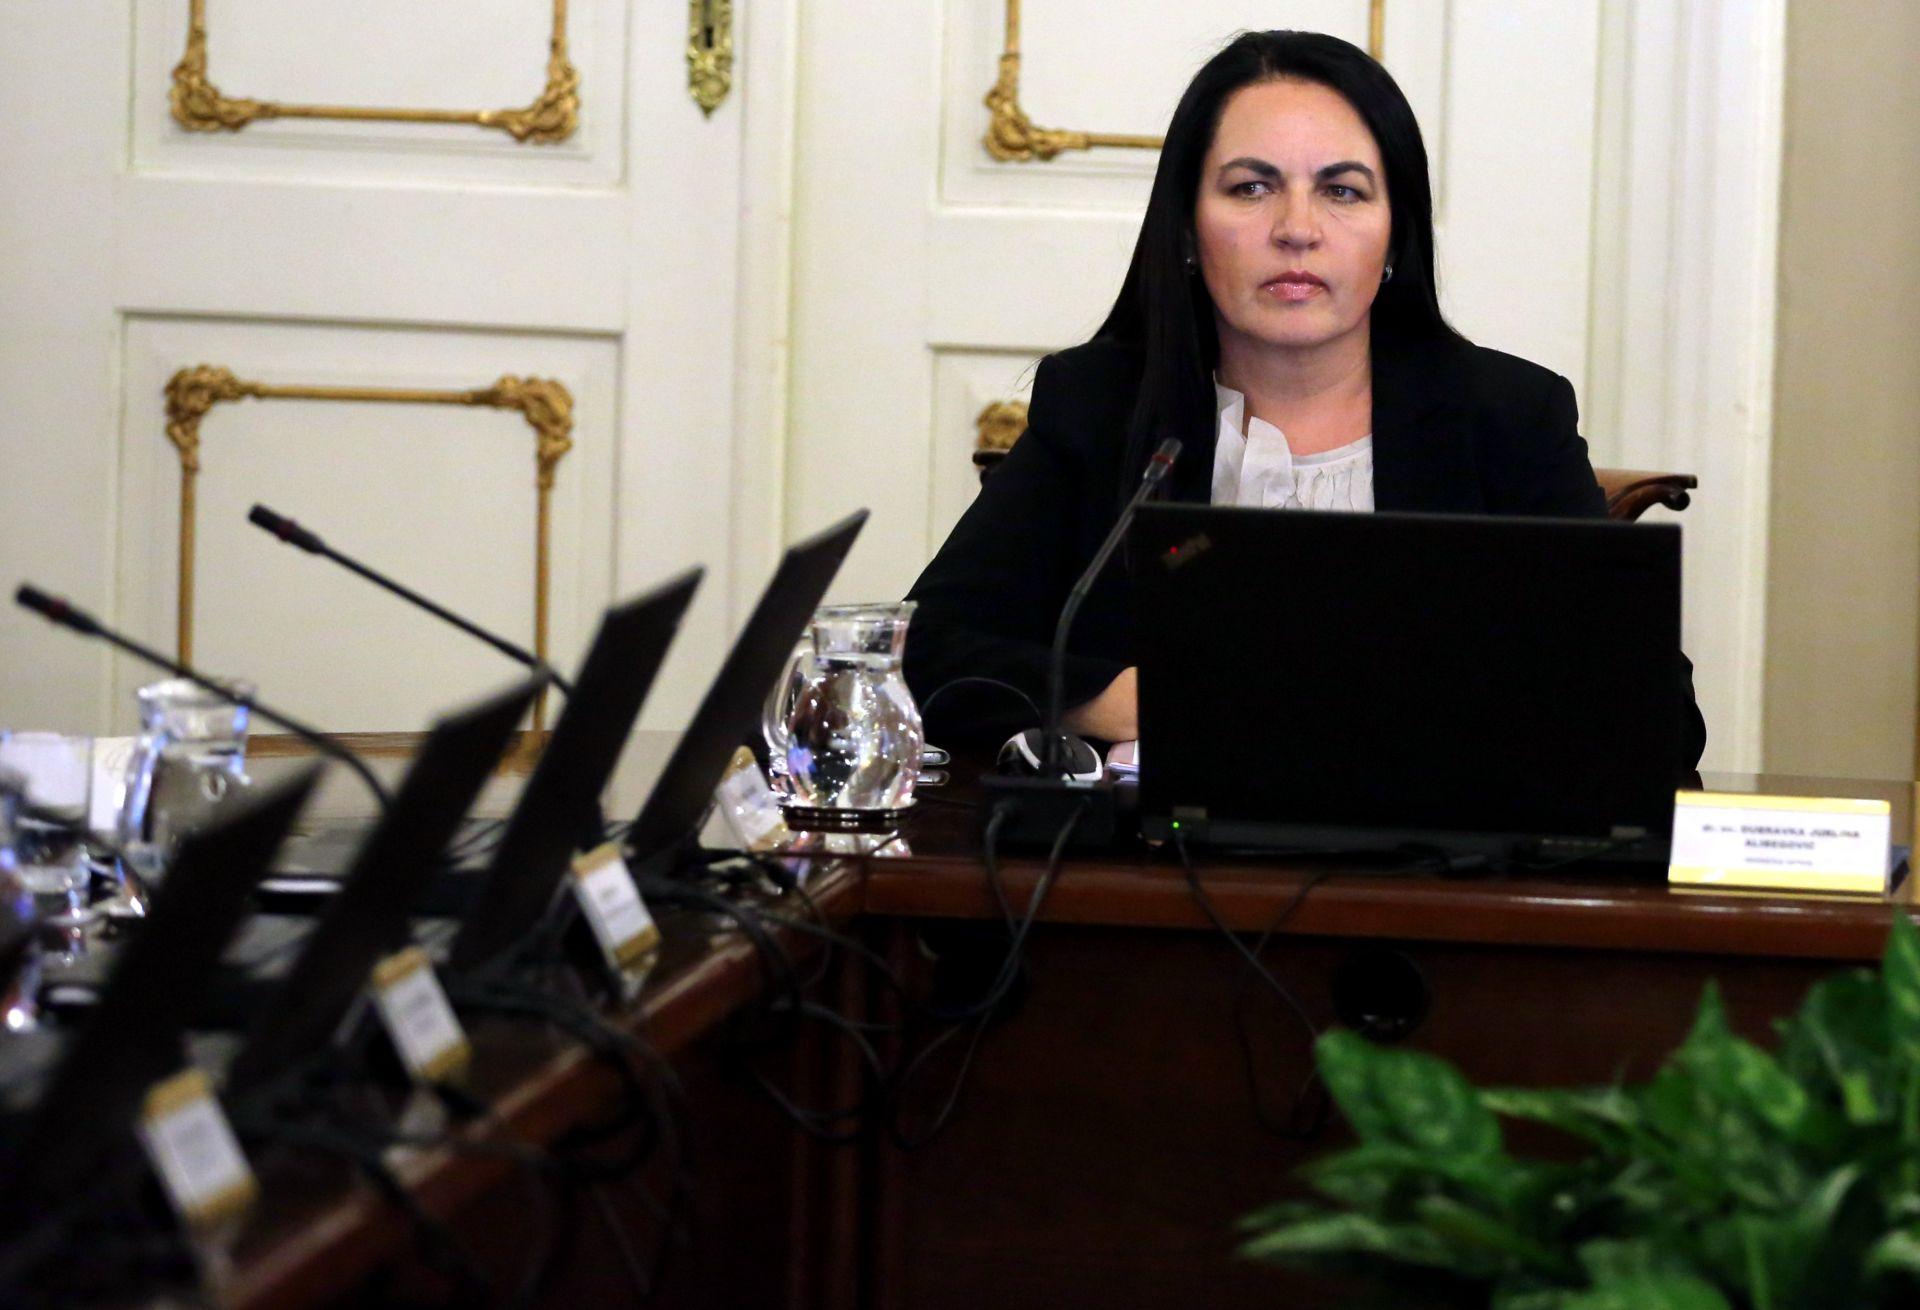 JURLINA-ALIBEGOVIĆ: Odlukom o smanjenju troškova uštedjet će se do 50 milijuna kuna godišnje